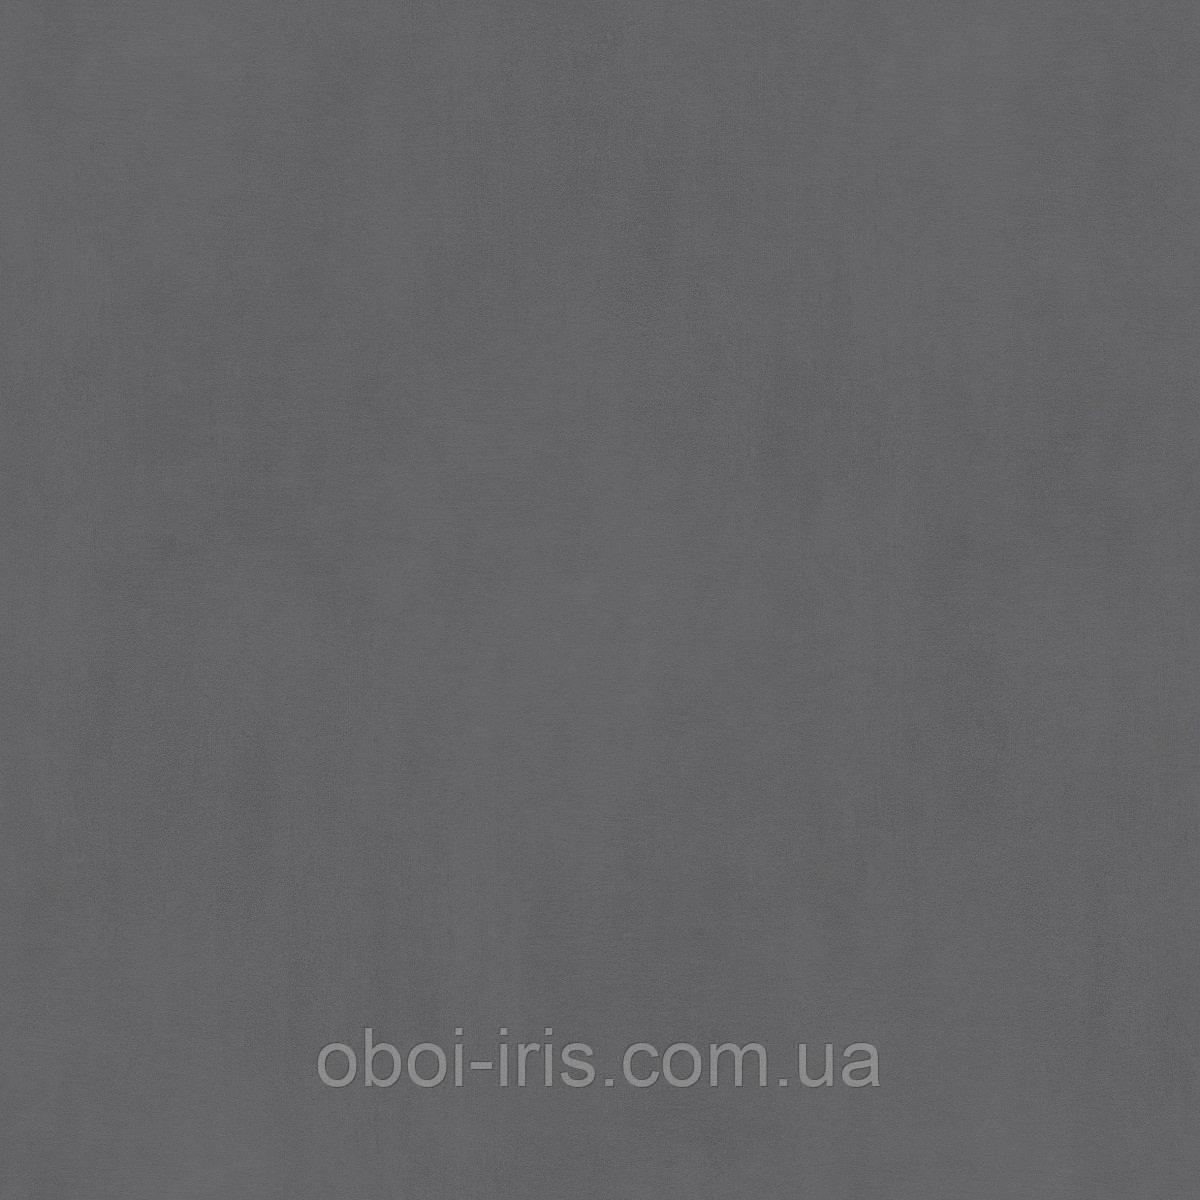 EL21010 обои Elizir Decoprint Бельгия флизелиновая основа 0,53*10,05м